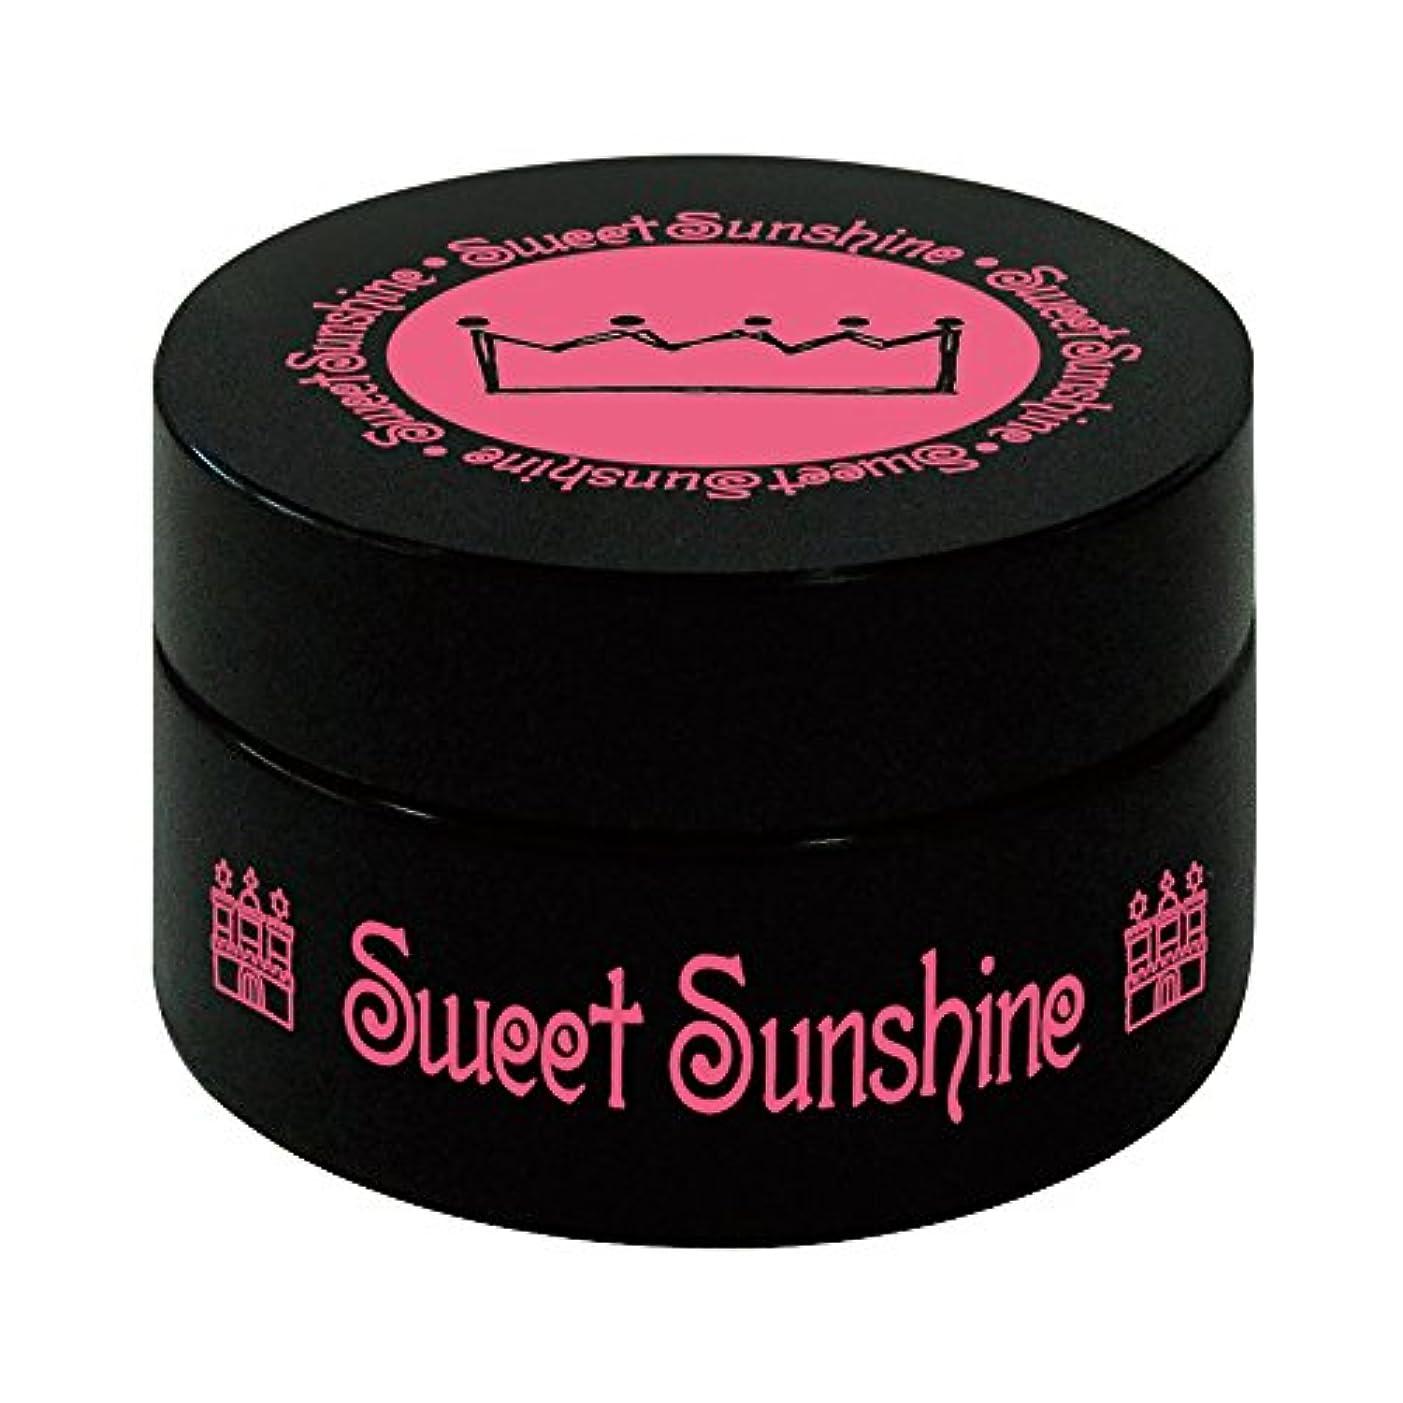 Sweet Sunshine カラージェル 4g RSC- 1 プリンセスピーチ マット UV/LED対応